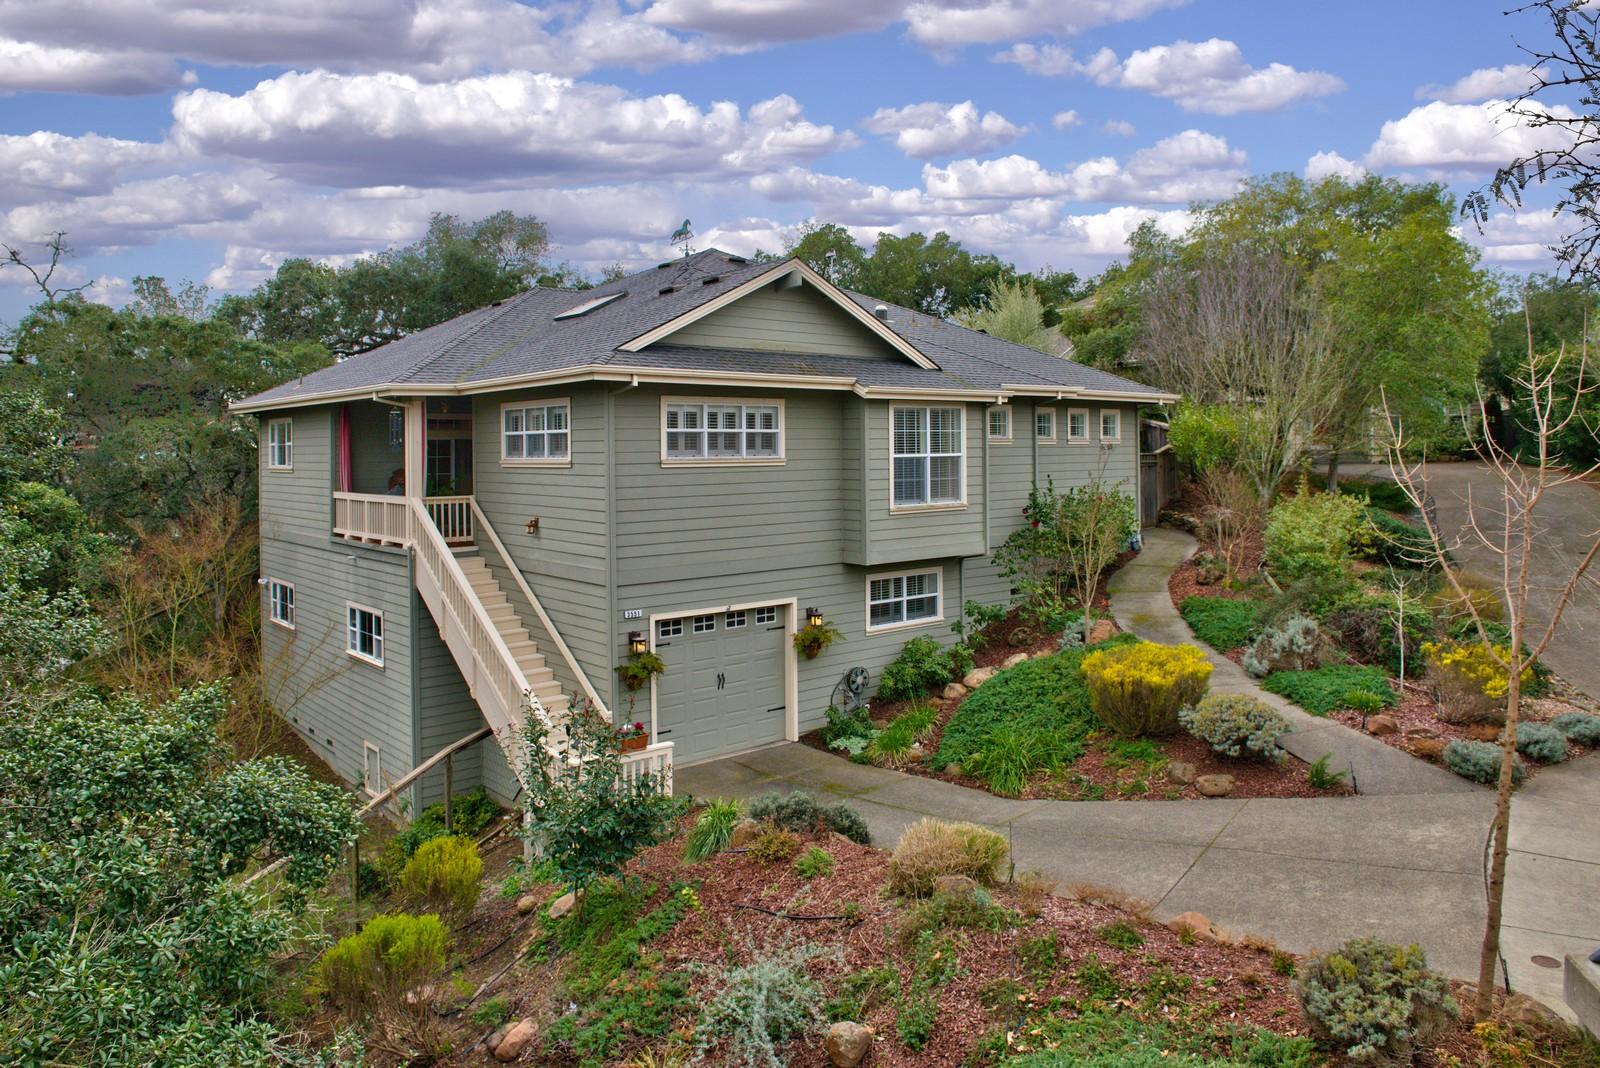 Tek Ailelik Ev için Satış at Unexpected Privacy in Fountaingrove 3551 Alturia Heights Santa Rosa, Kaliforniya 95403 Amerika Birleşik Devletleri